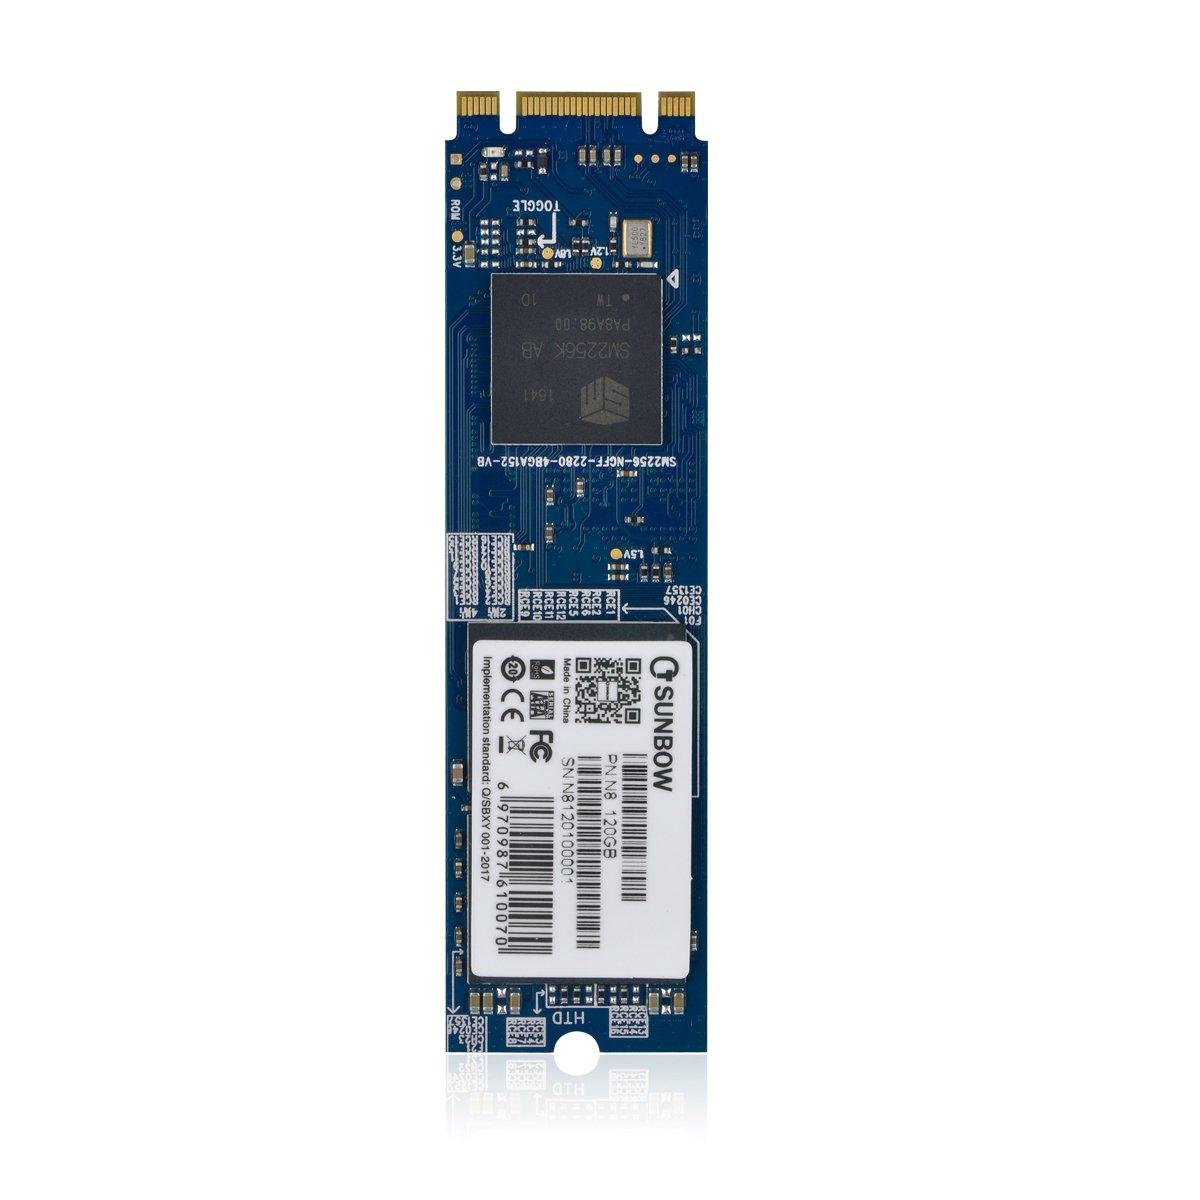 TCSUNBOW M.2 2280 NGFF 80 mm 120 GB 128 GB M.2 2280 Disco de estado sólido para PC de escritorio y MacPro (22 * 80 mm) (N8 120 GB): Amazon.es: Informática